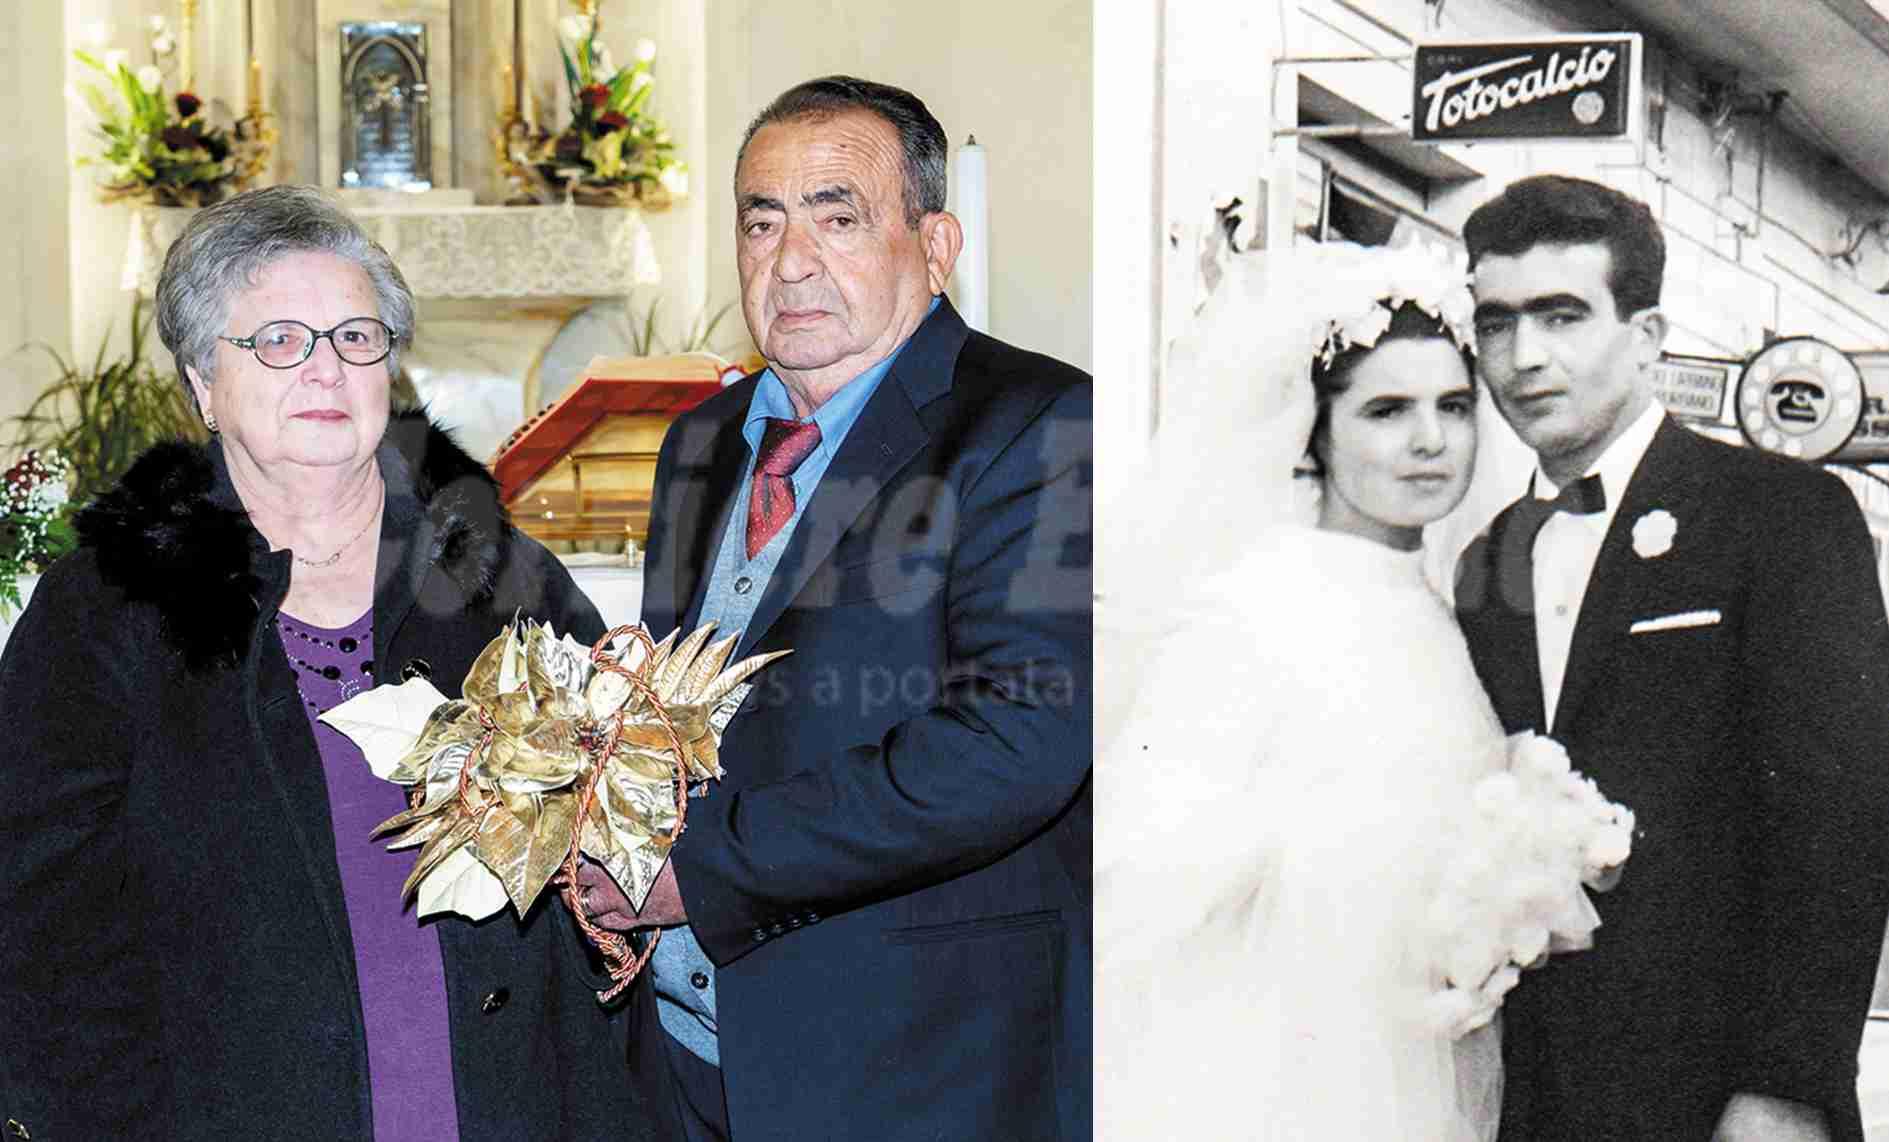 Nozze d'oro: mezzo secolo d'amore per la coppia Giuseppe Spadaro e Lucia Calleri